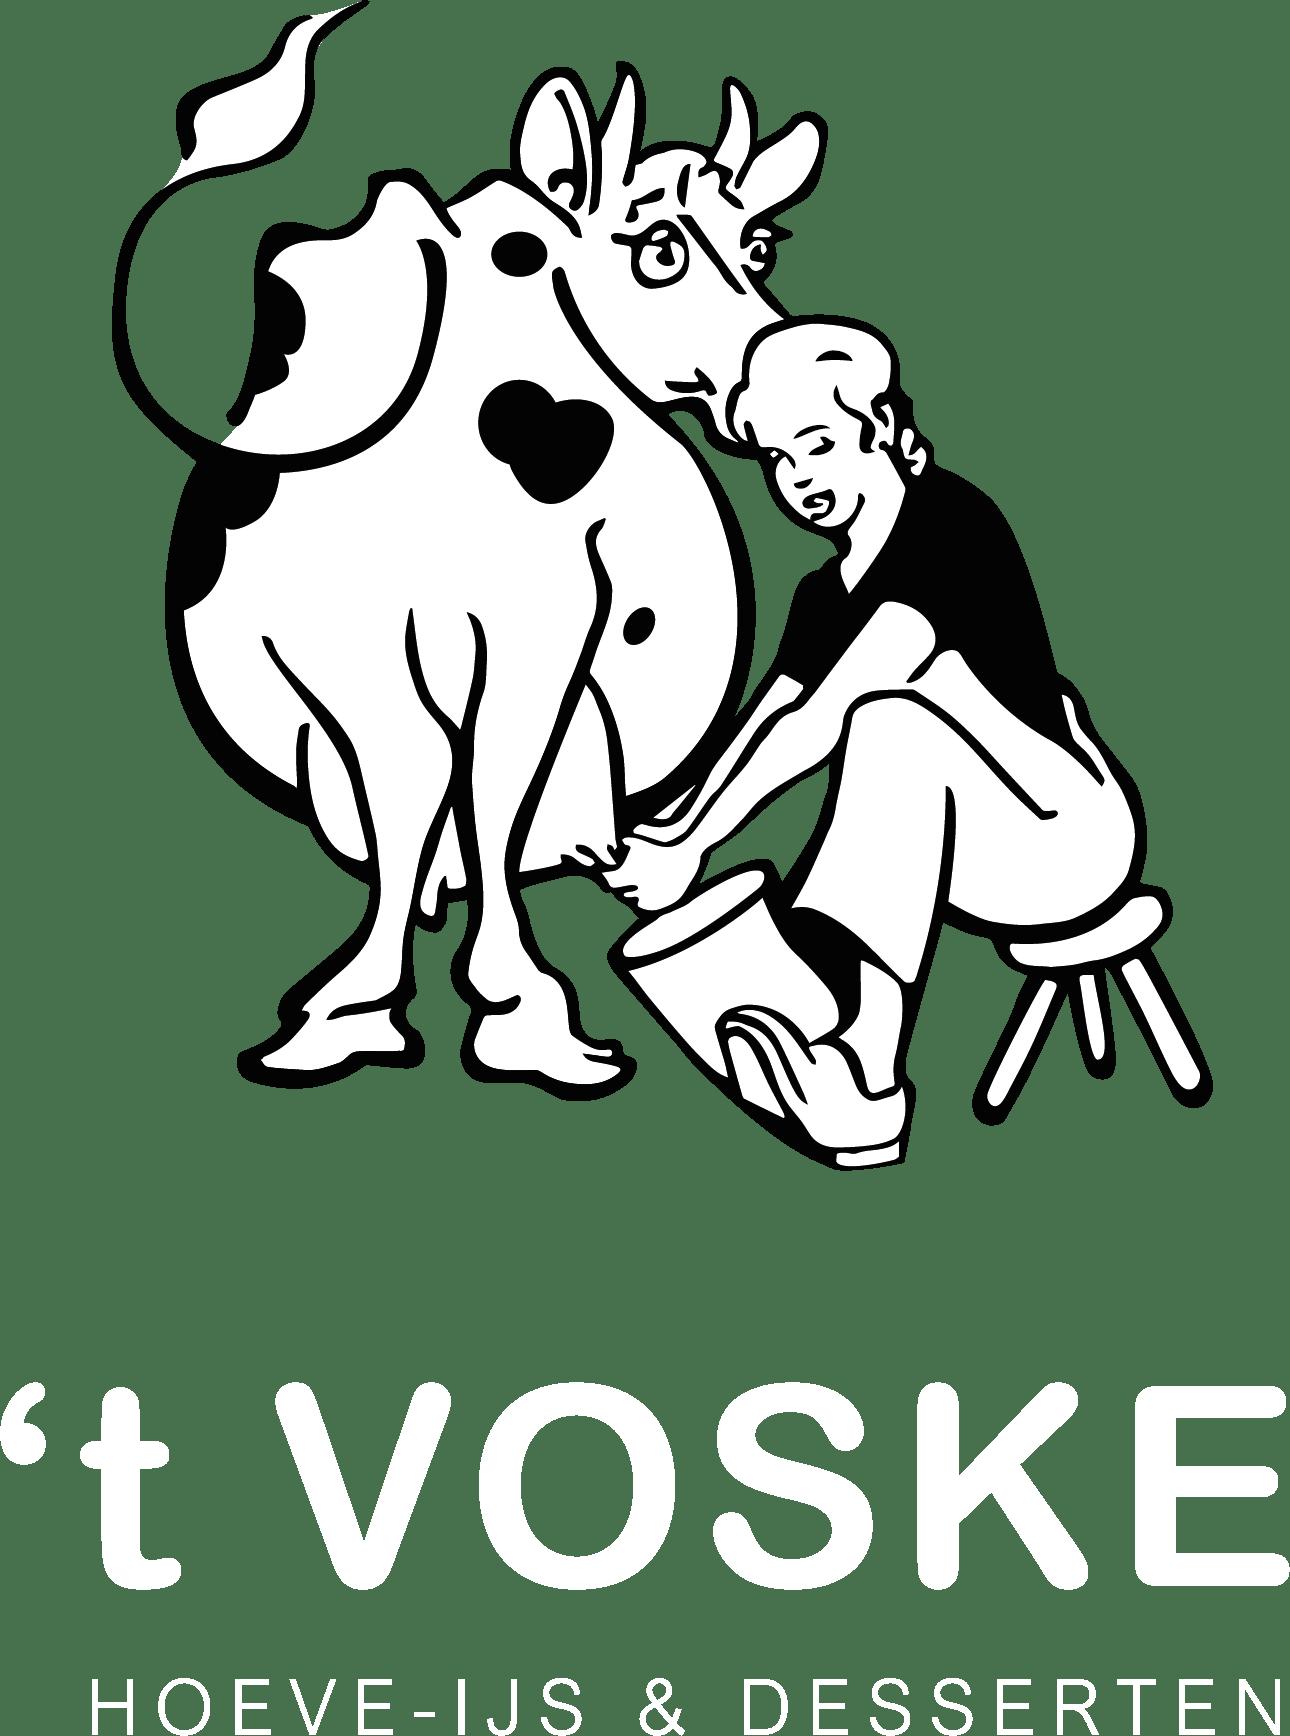 't Voske Hoeve-ijs & Desserten